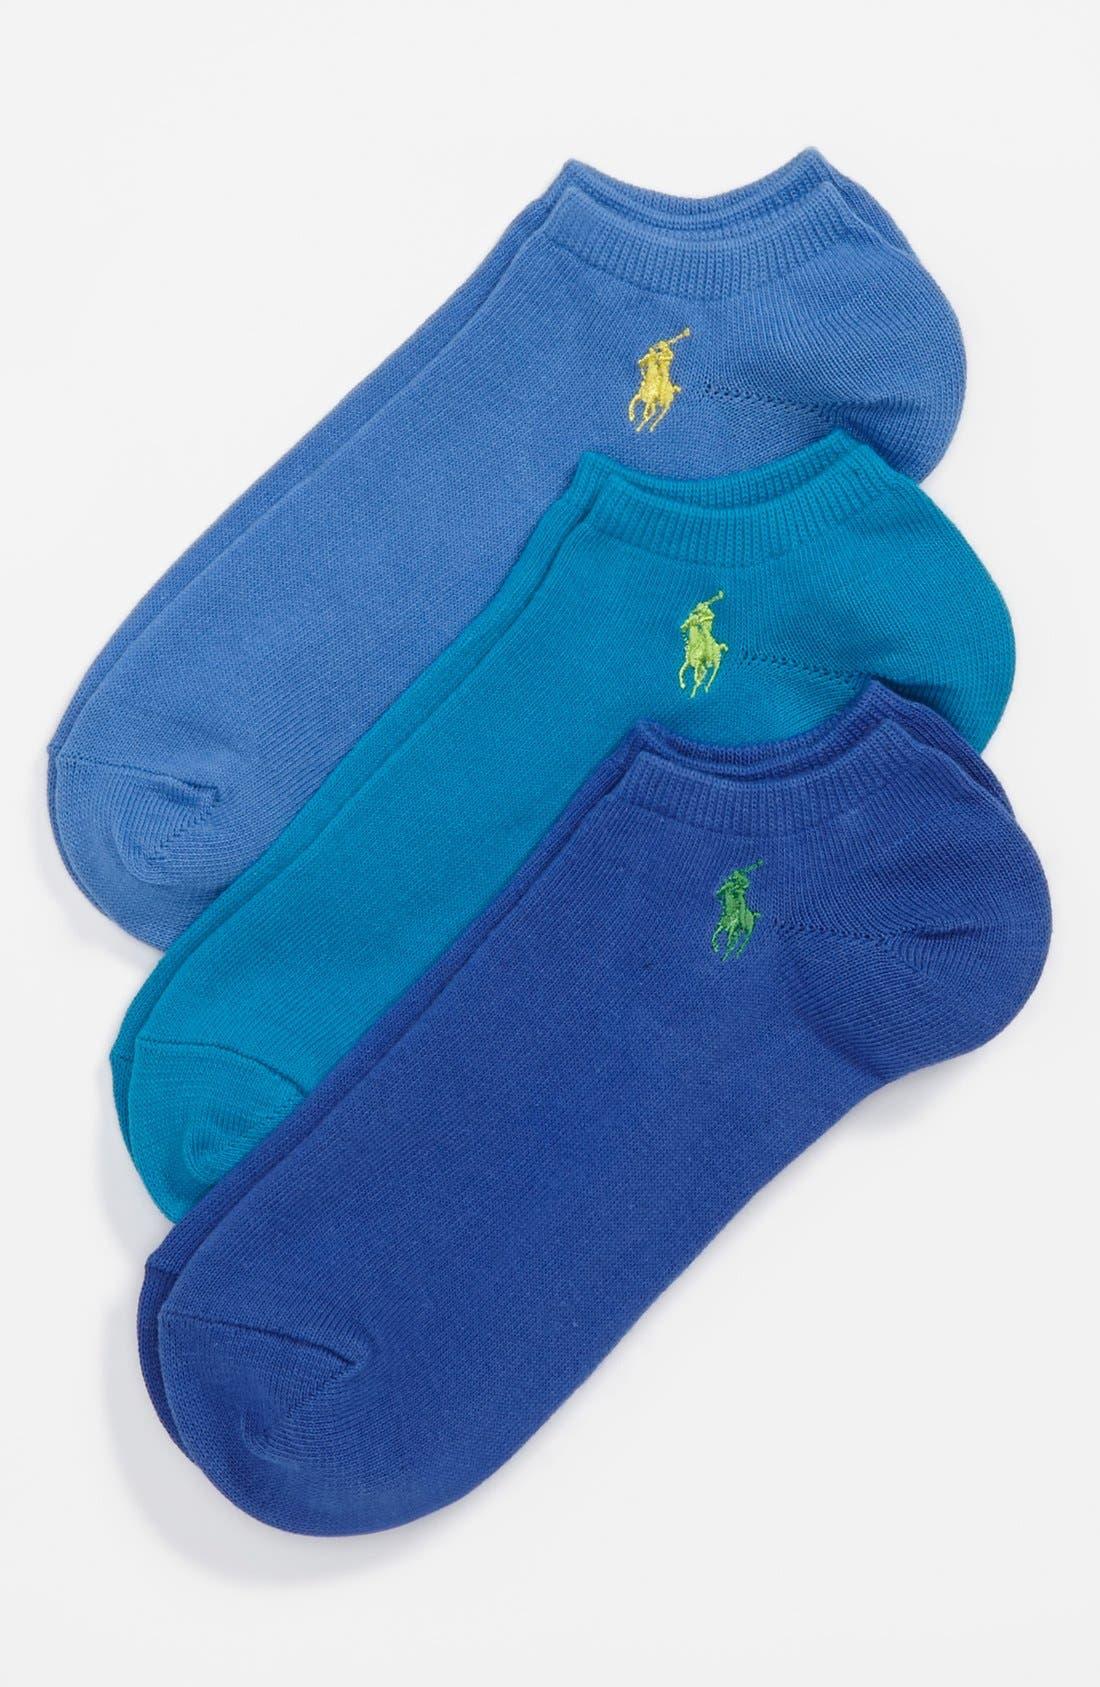 Alternate Image 1 Selected - Polo Ralph Lauren No-Show Socks (3-Pack) (Men)